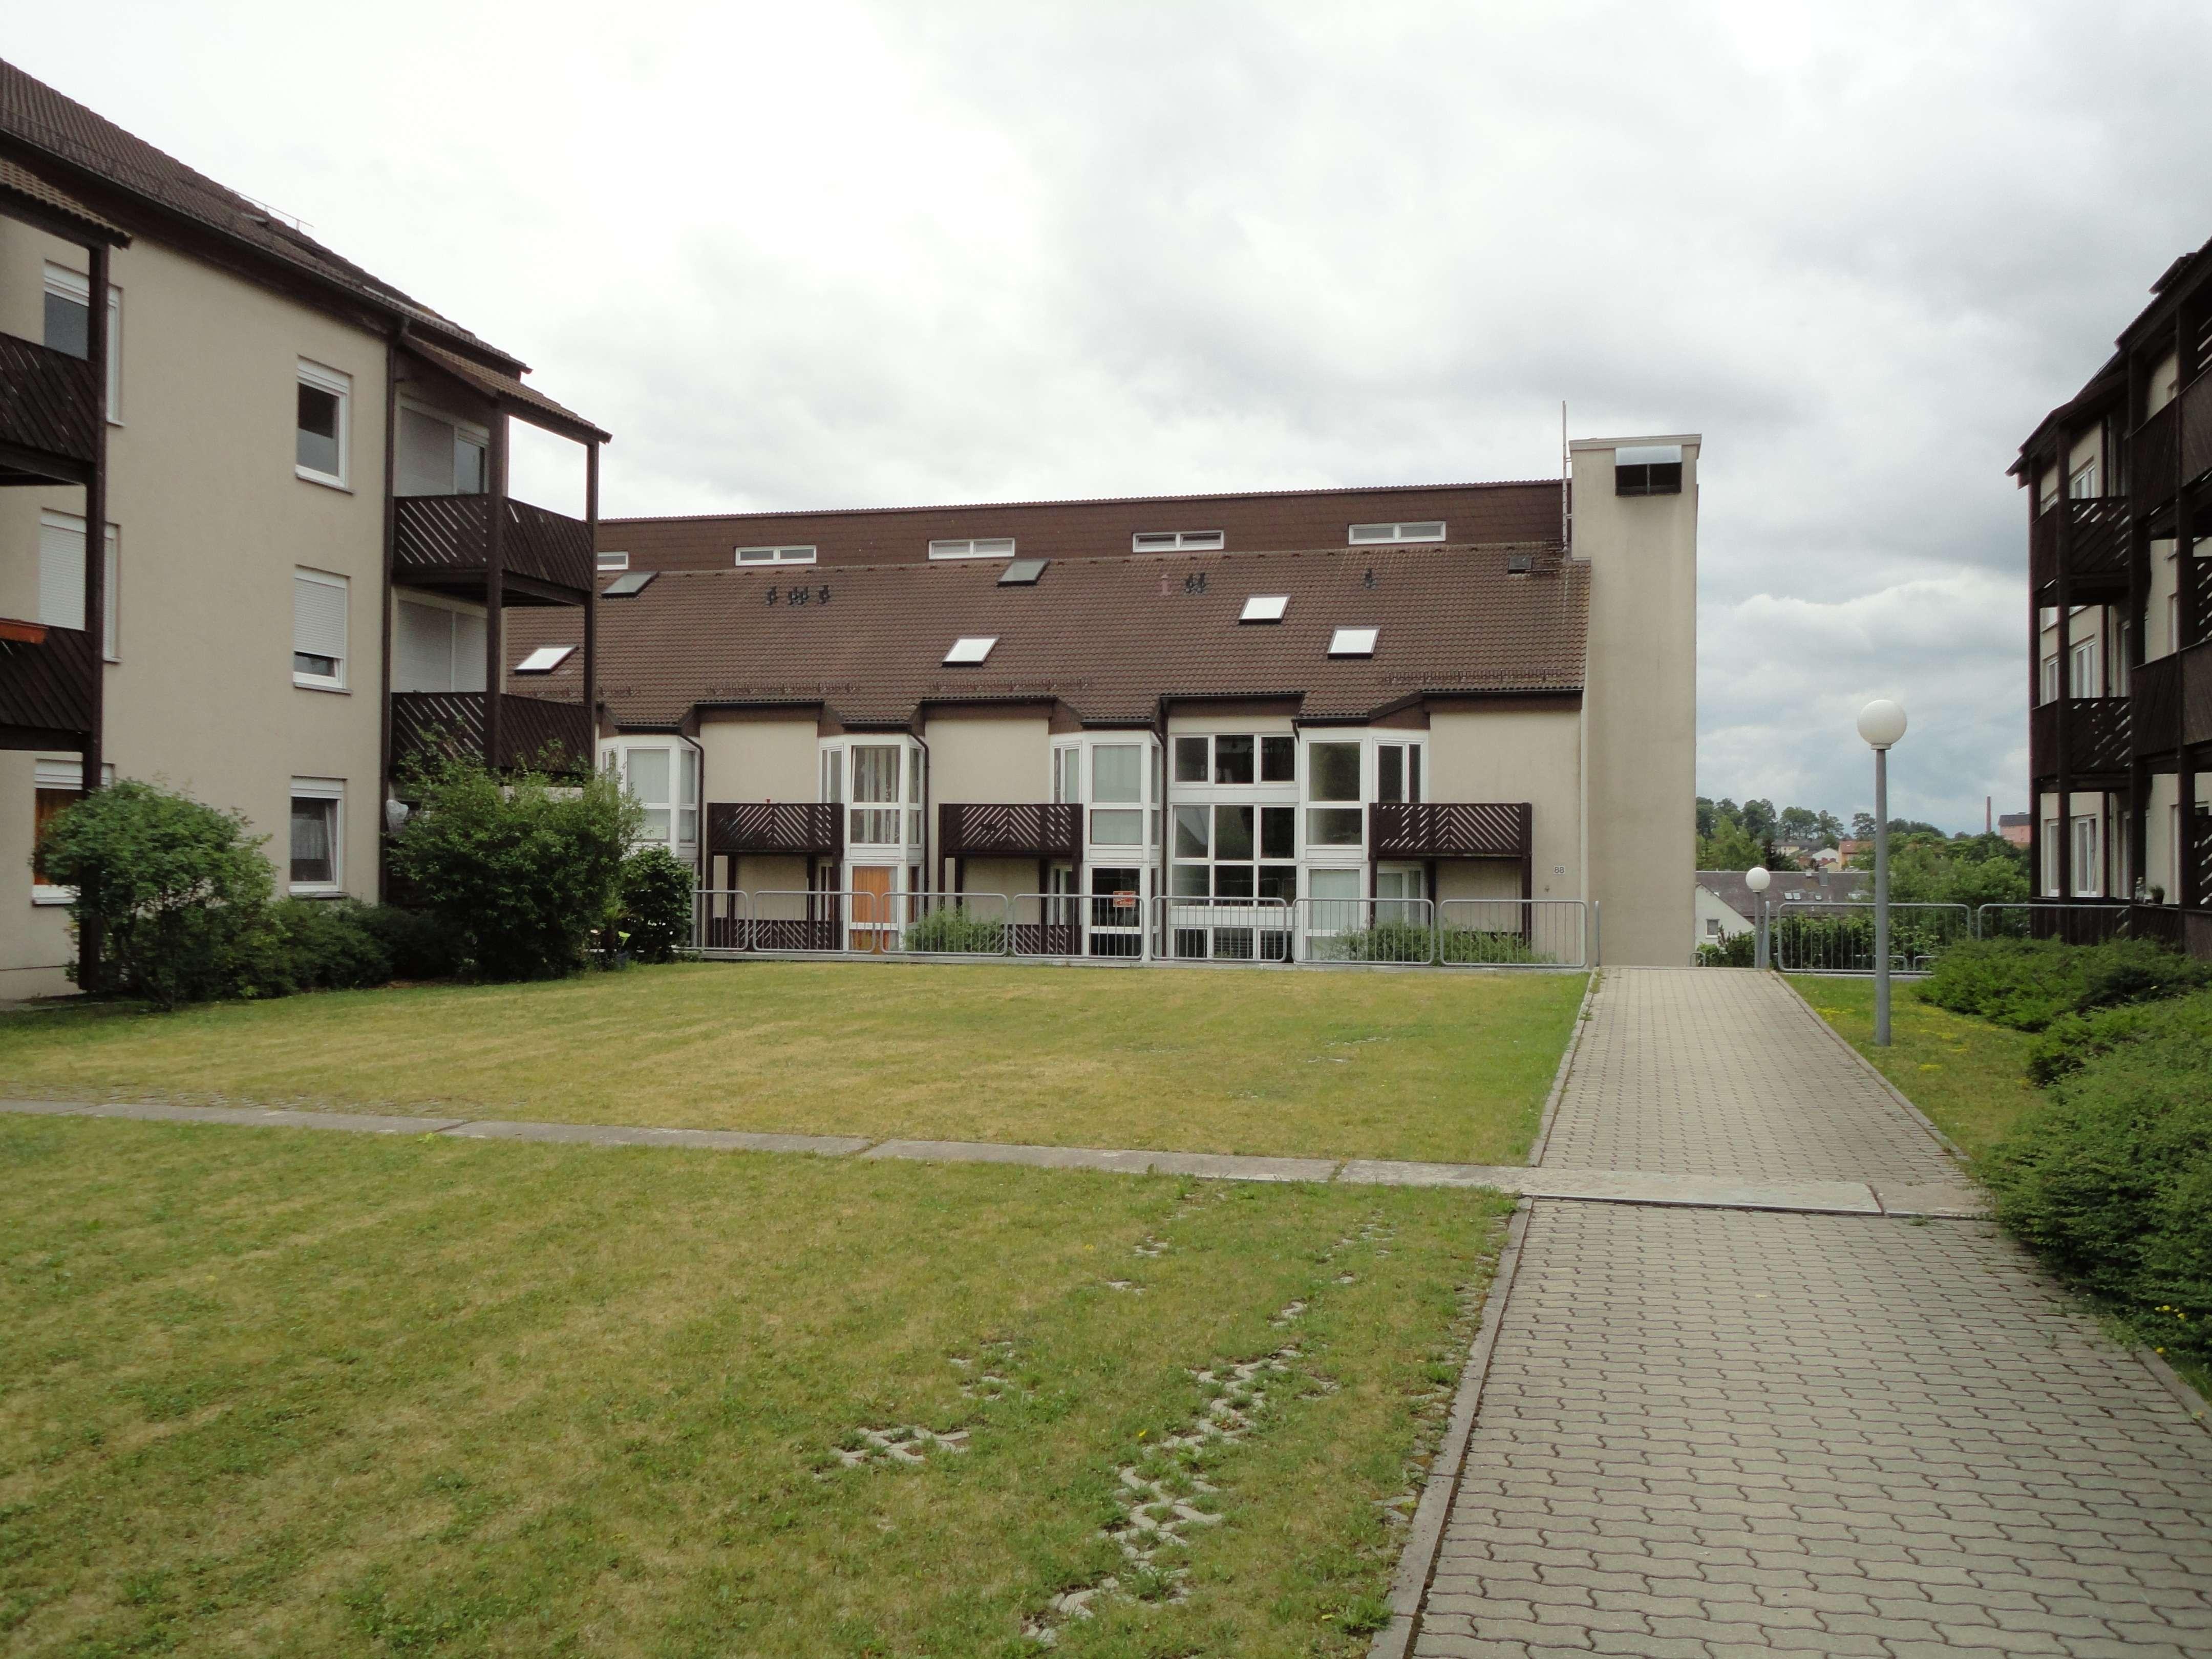 Renoviertes und möbliertes 1-Zimmer- Appartement in bester Wohnlage & Hochschulnähe in